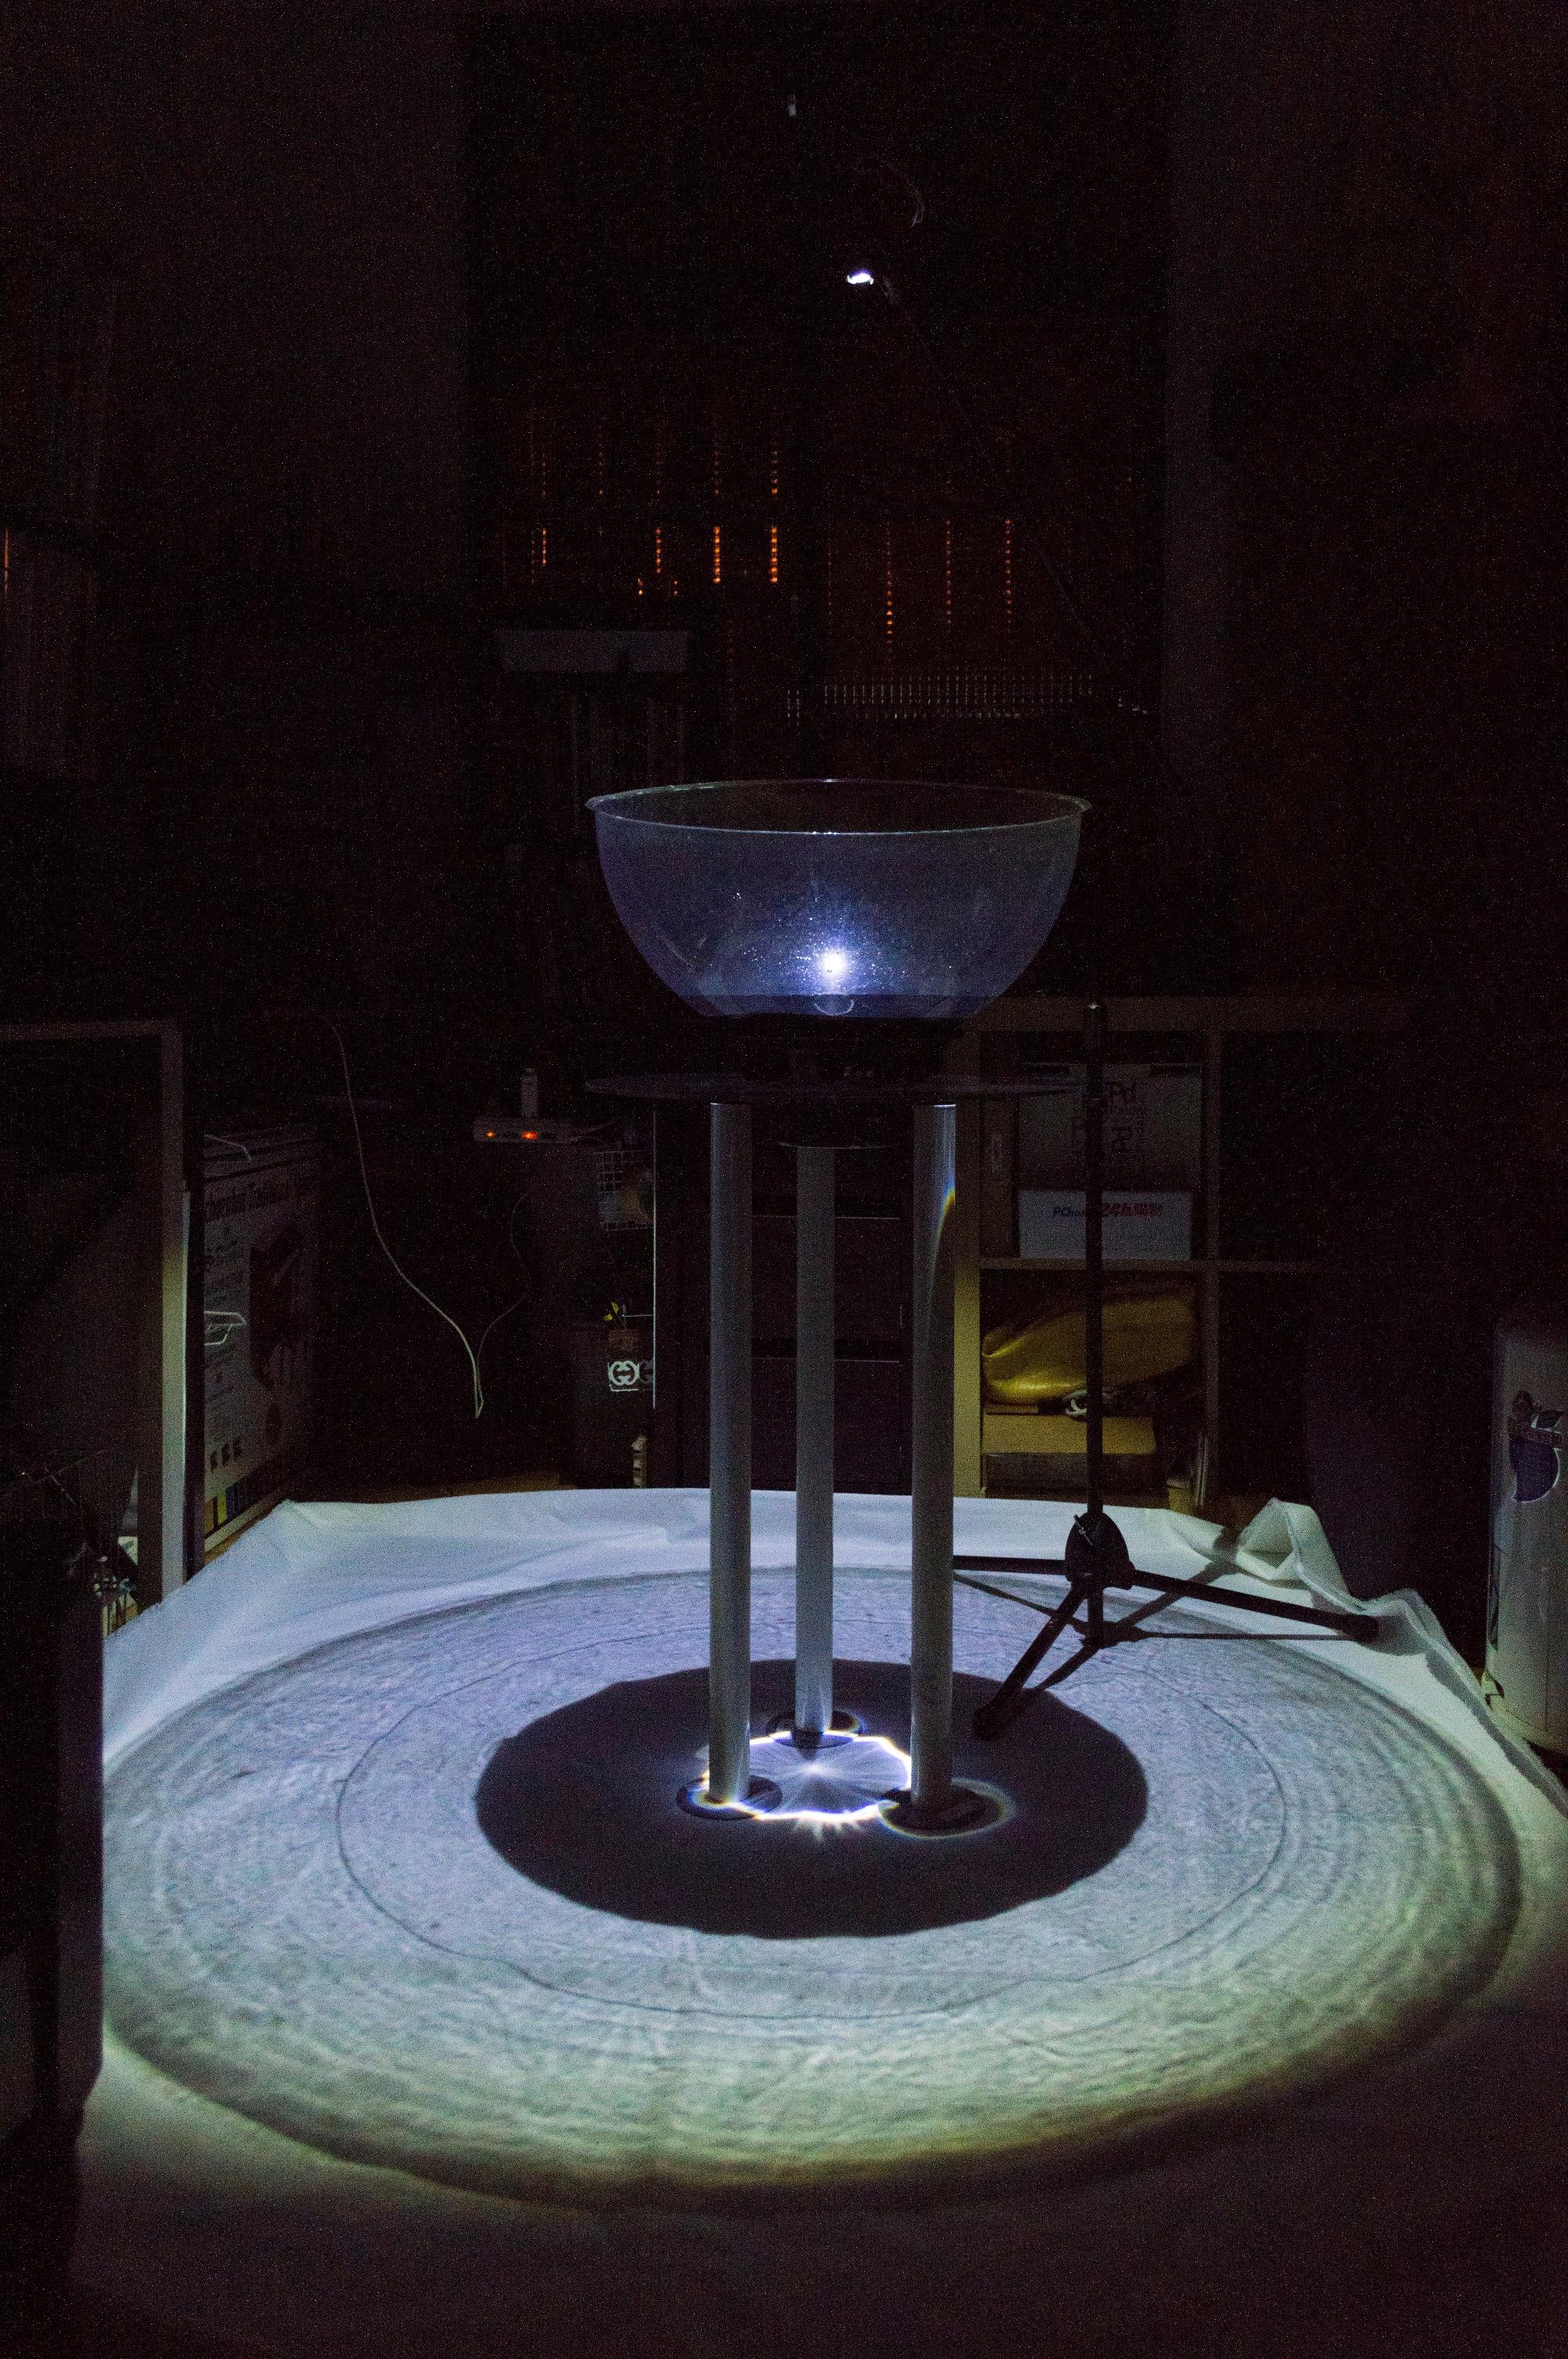 《觸》(2017-) - 以表演性質之裝置體現音樂性是此作品的重點。音流學雖然不是新話題,然而將聲音的細微特質轉化成實物震動,能帶動另一層的感官。這些年我致力於研究聲音和物質間互動的可能:運用聲音振動的物理現象,以裝置的形式來闡述音樂。此外,水波紋有著特殊的質地,並能隨著聲響變形。